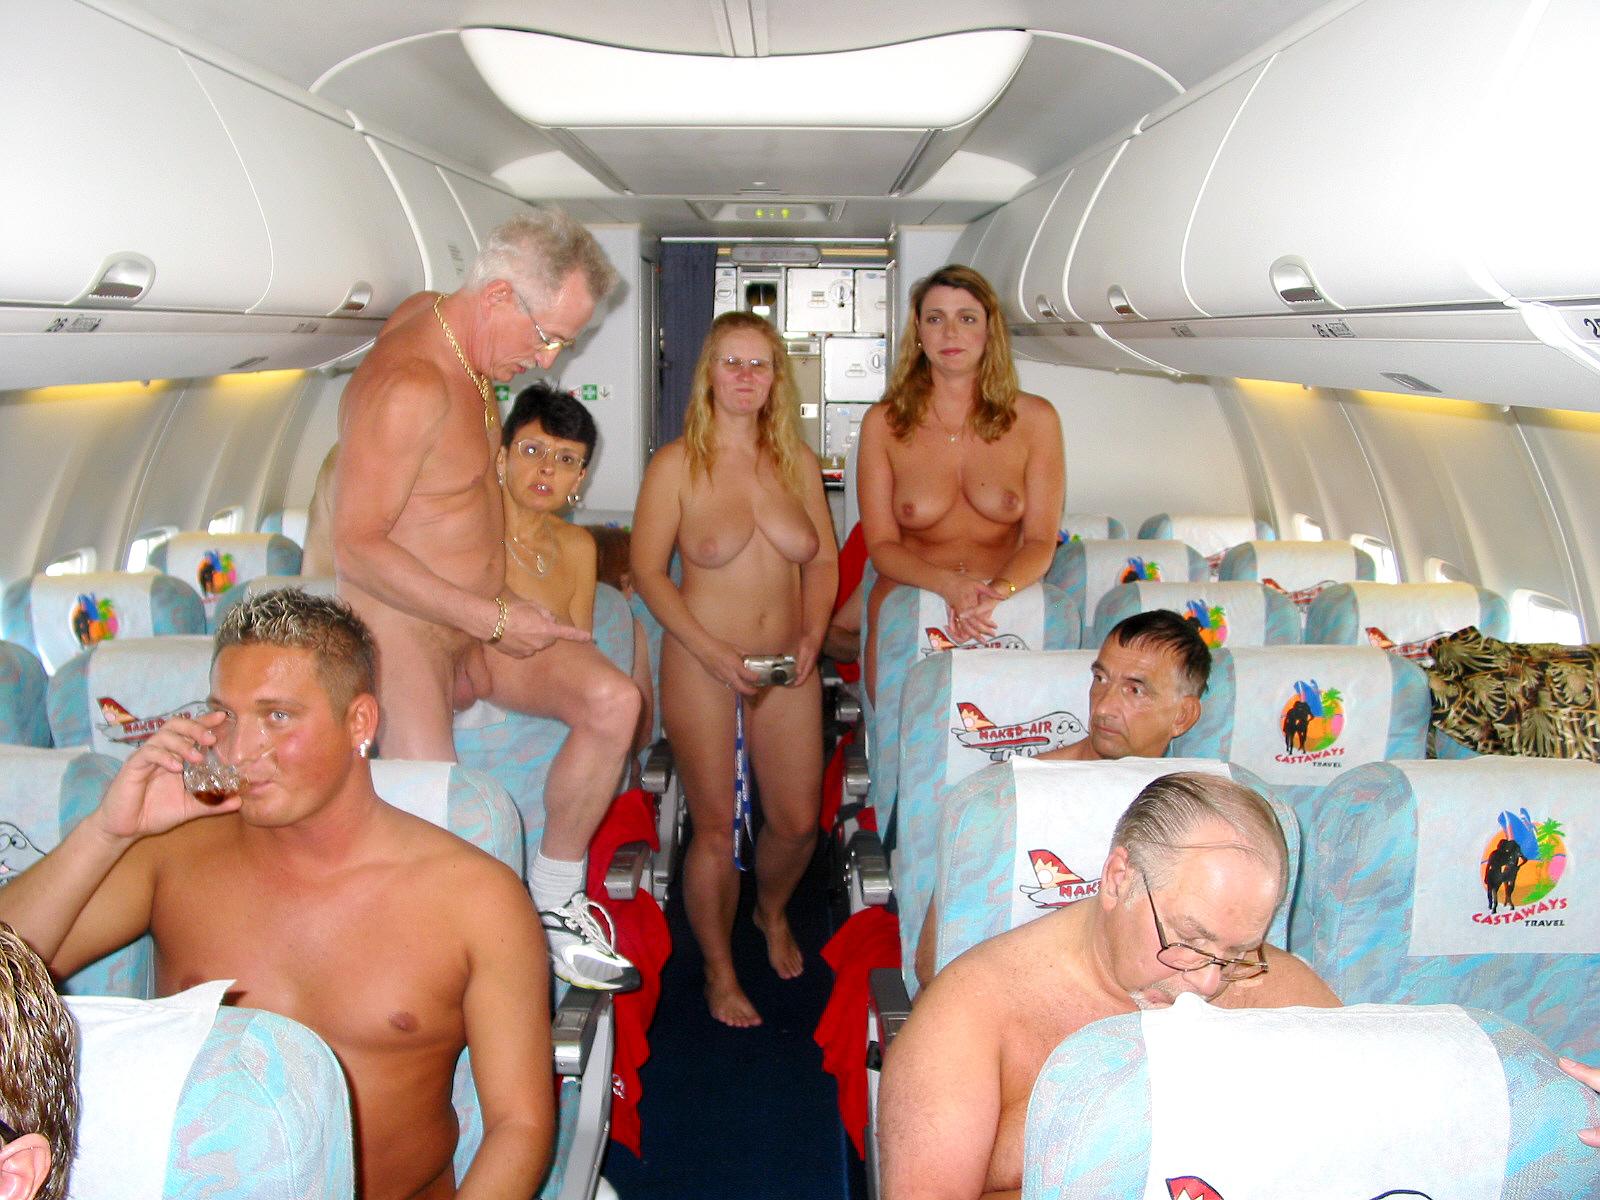 Случайный секс в самолёте, Секс в самолете - смотреть порно онлайн или скачать 8 фотография